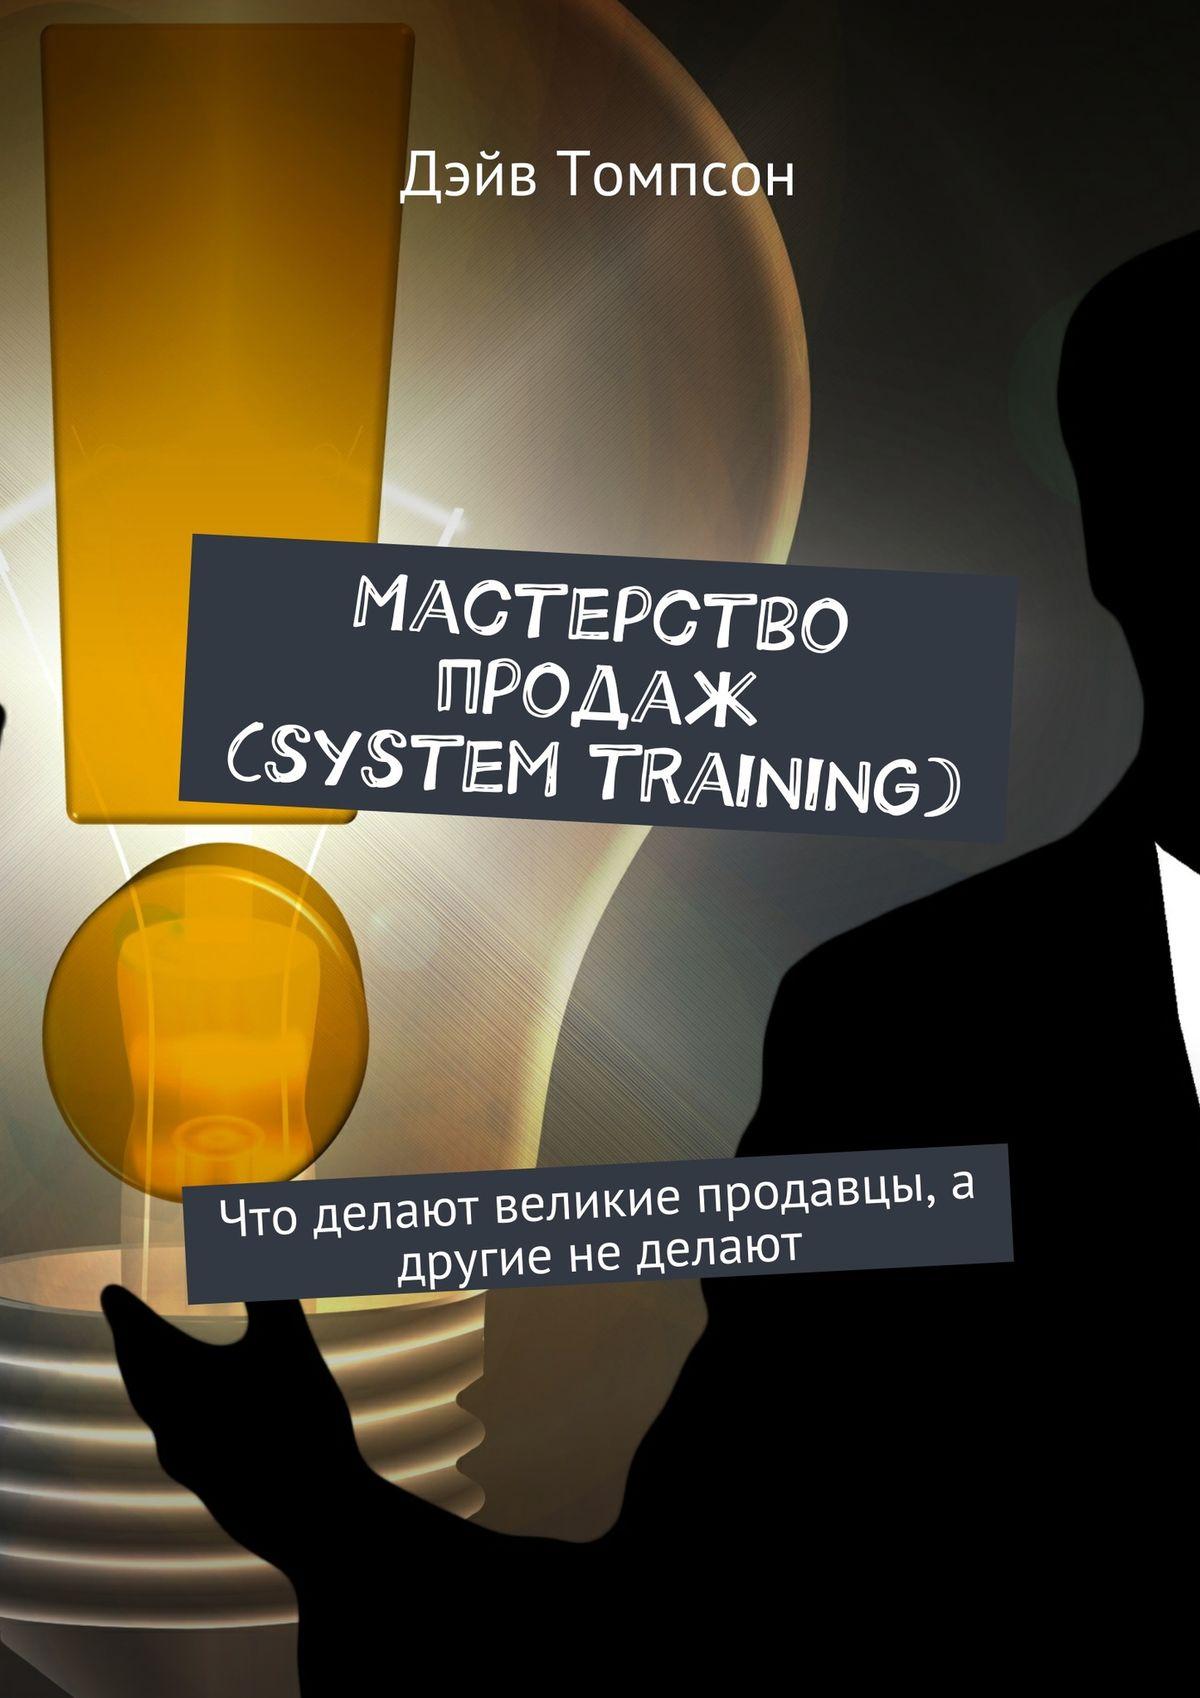 Дэйв Томпсон Мастерство продаж (system training). Что делают великие продавцы, а другие не делают ли йон д что делают великие компании или как отделить лучшее от прочего